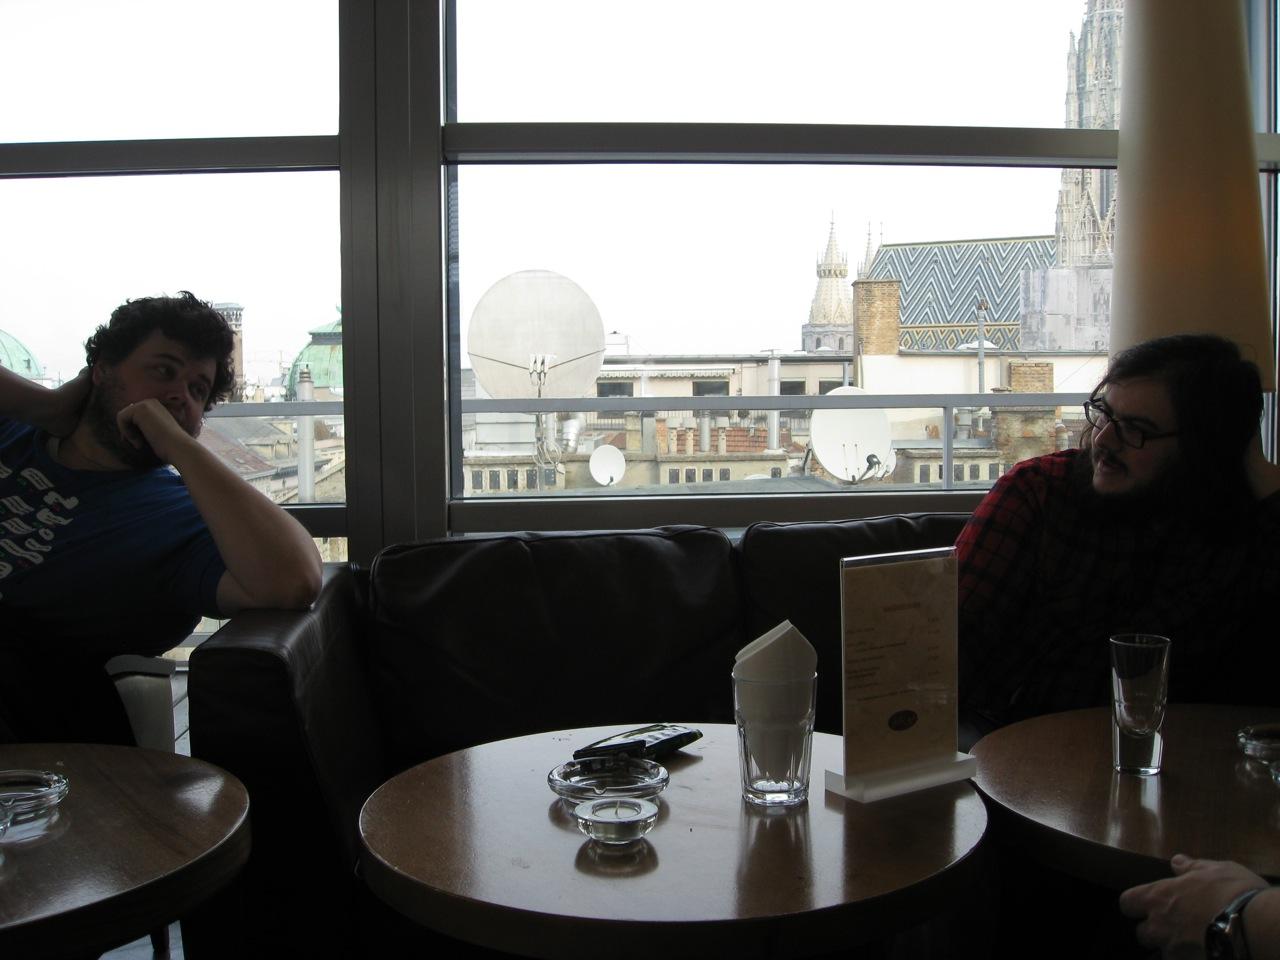 Vienna, 2011 - 09